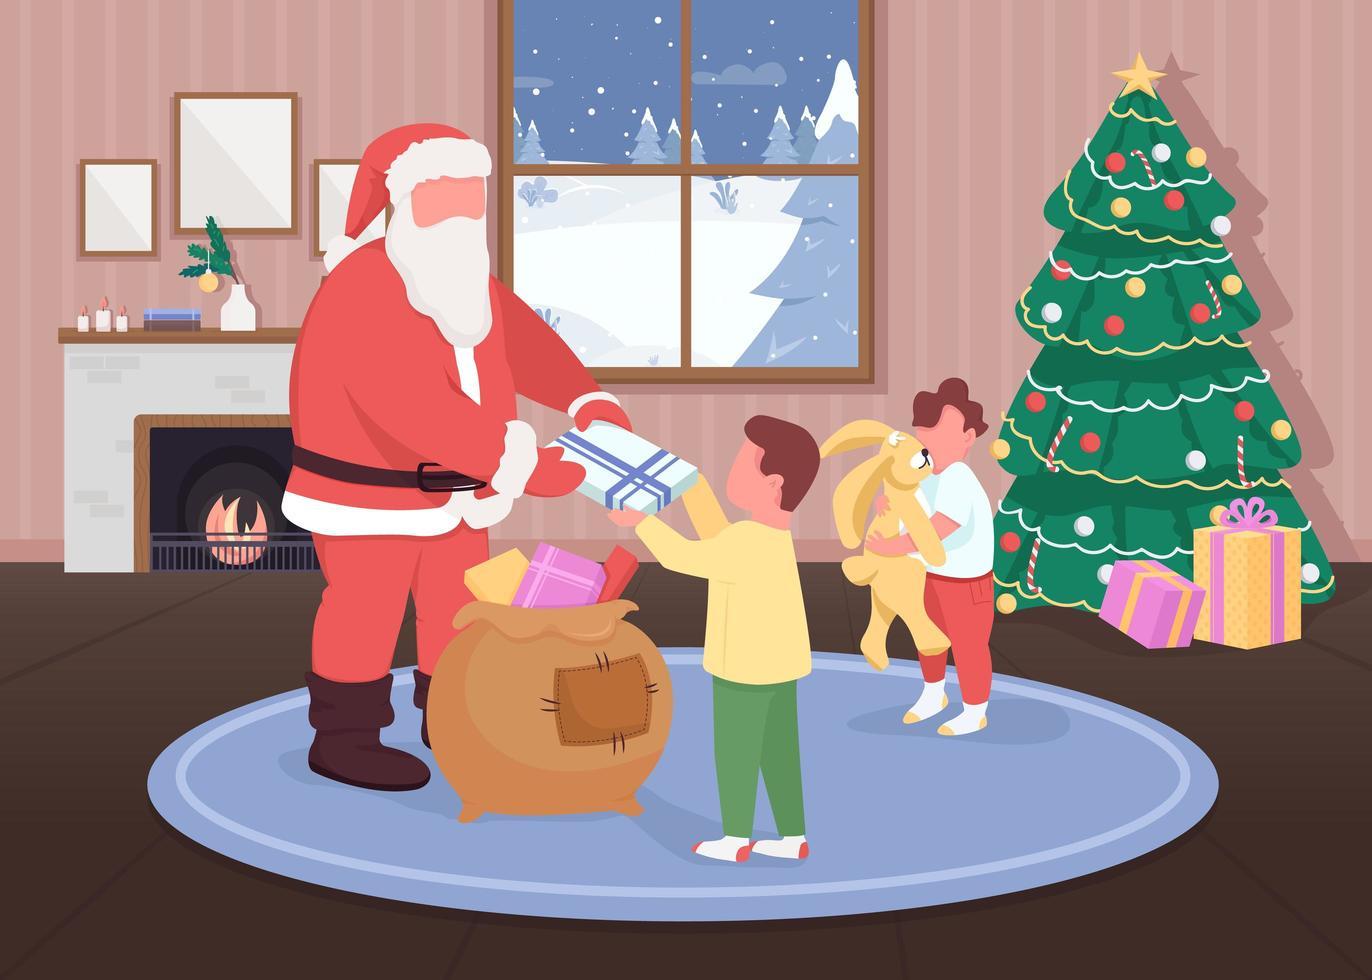 santa ger gåvor till barn vektor